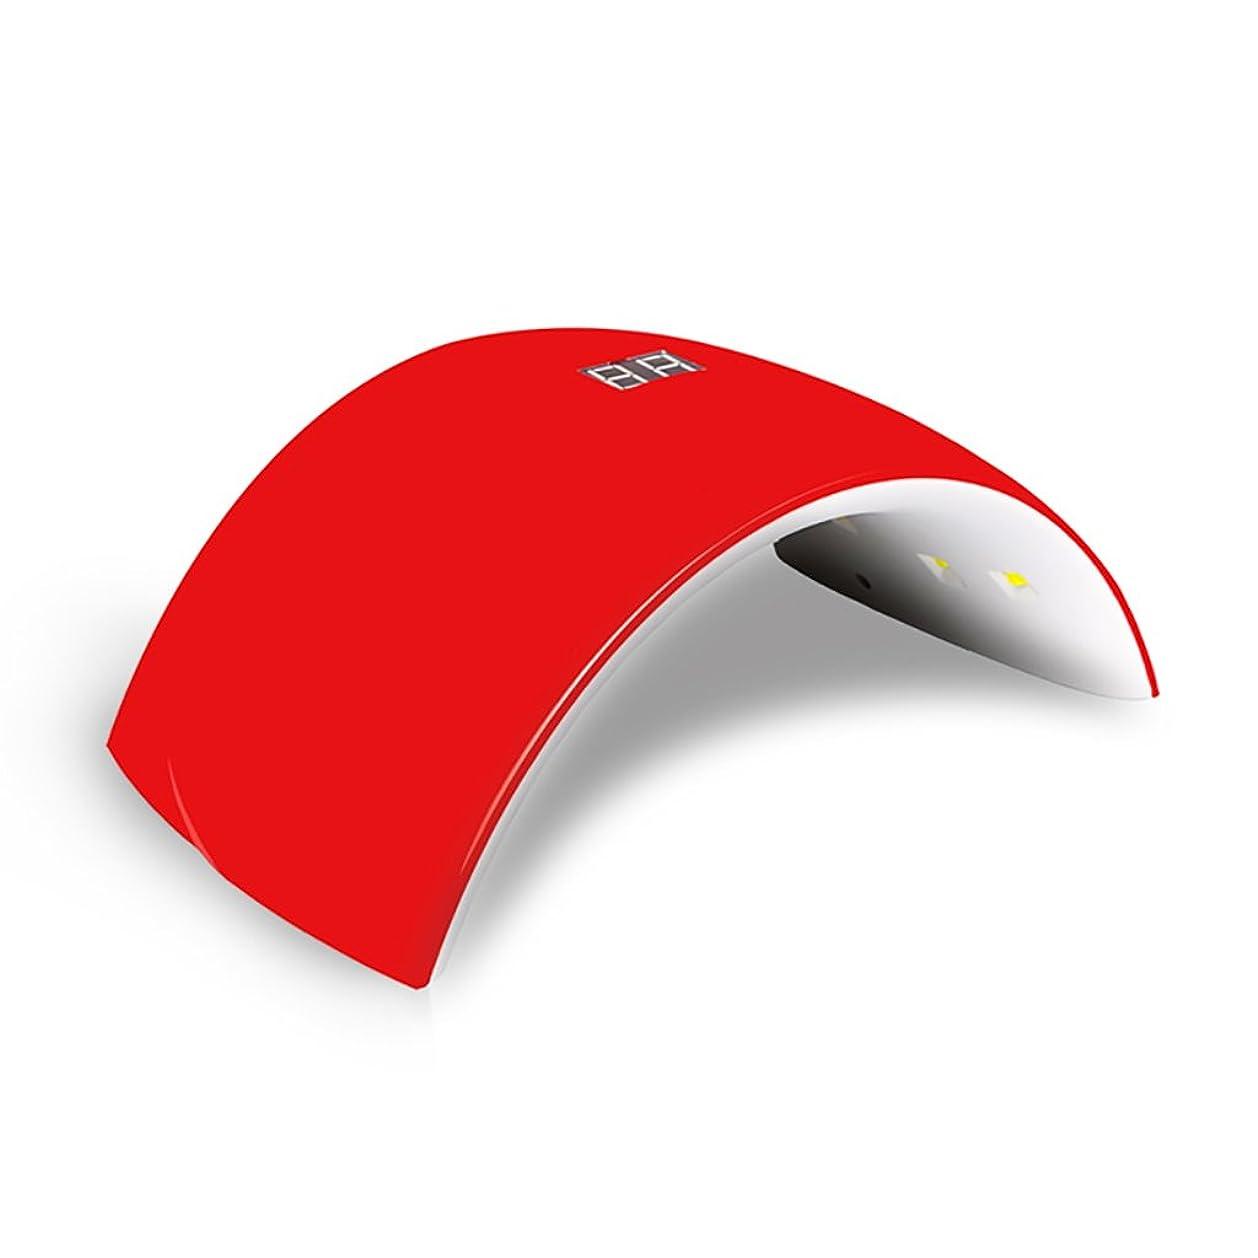 ネックレット特定のプログラムネイル光線療法機 ネイルドライヤー - ネイル光線療法装置LEDネイル光線療法装置ネイルドライヤー光線療法ランプミニライトセラピーマシン